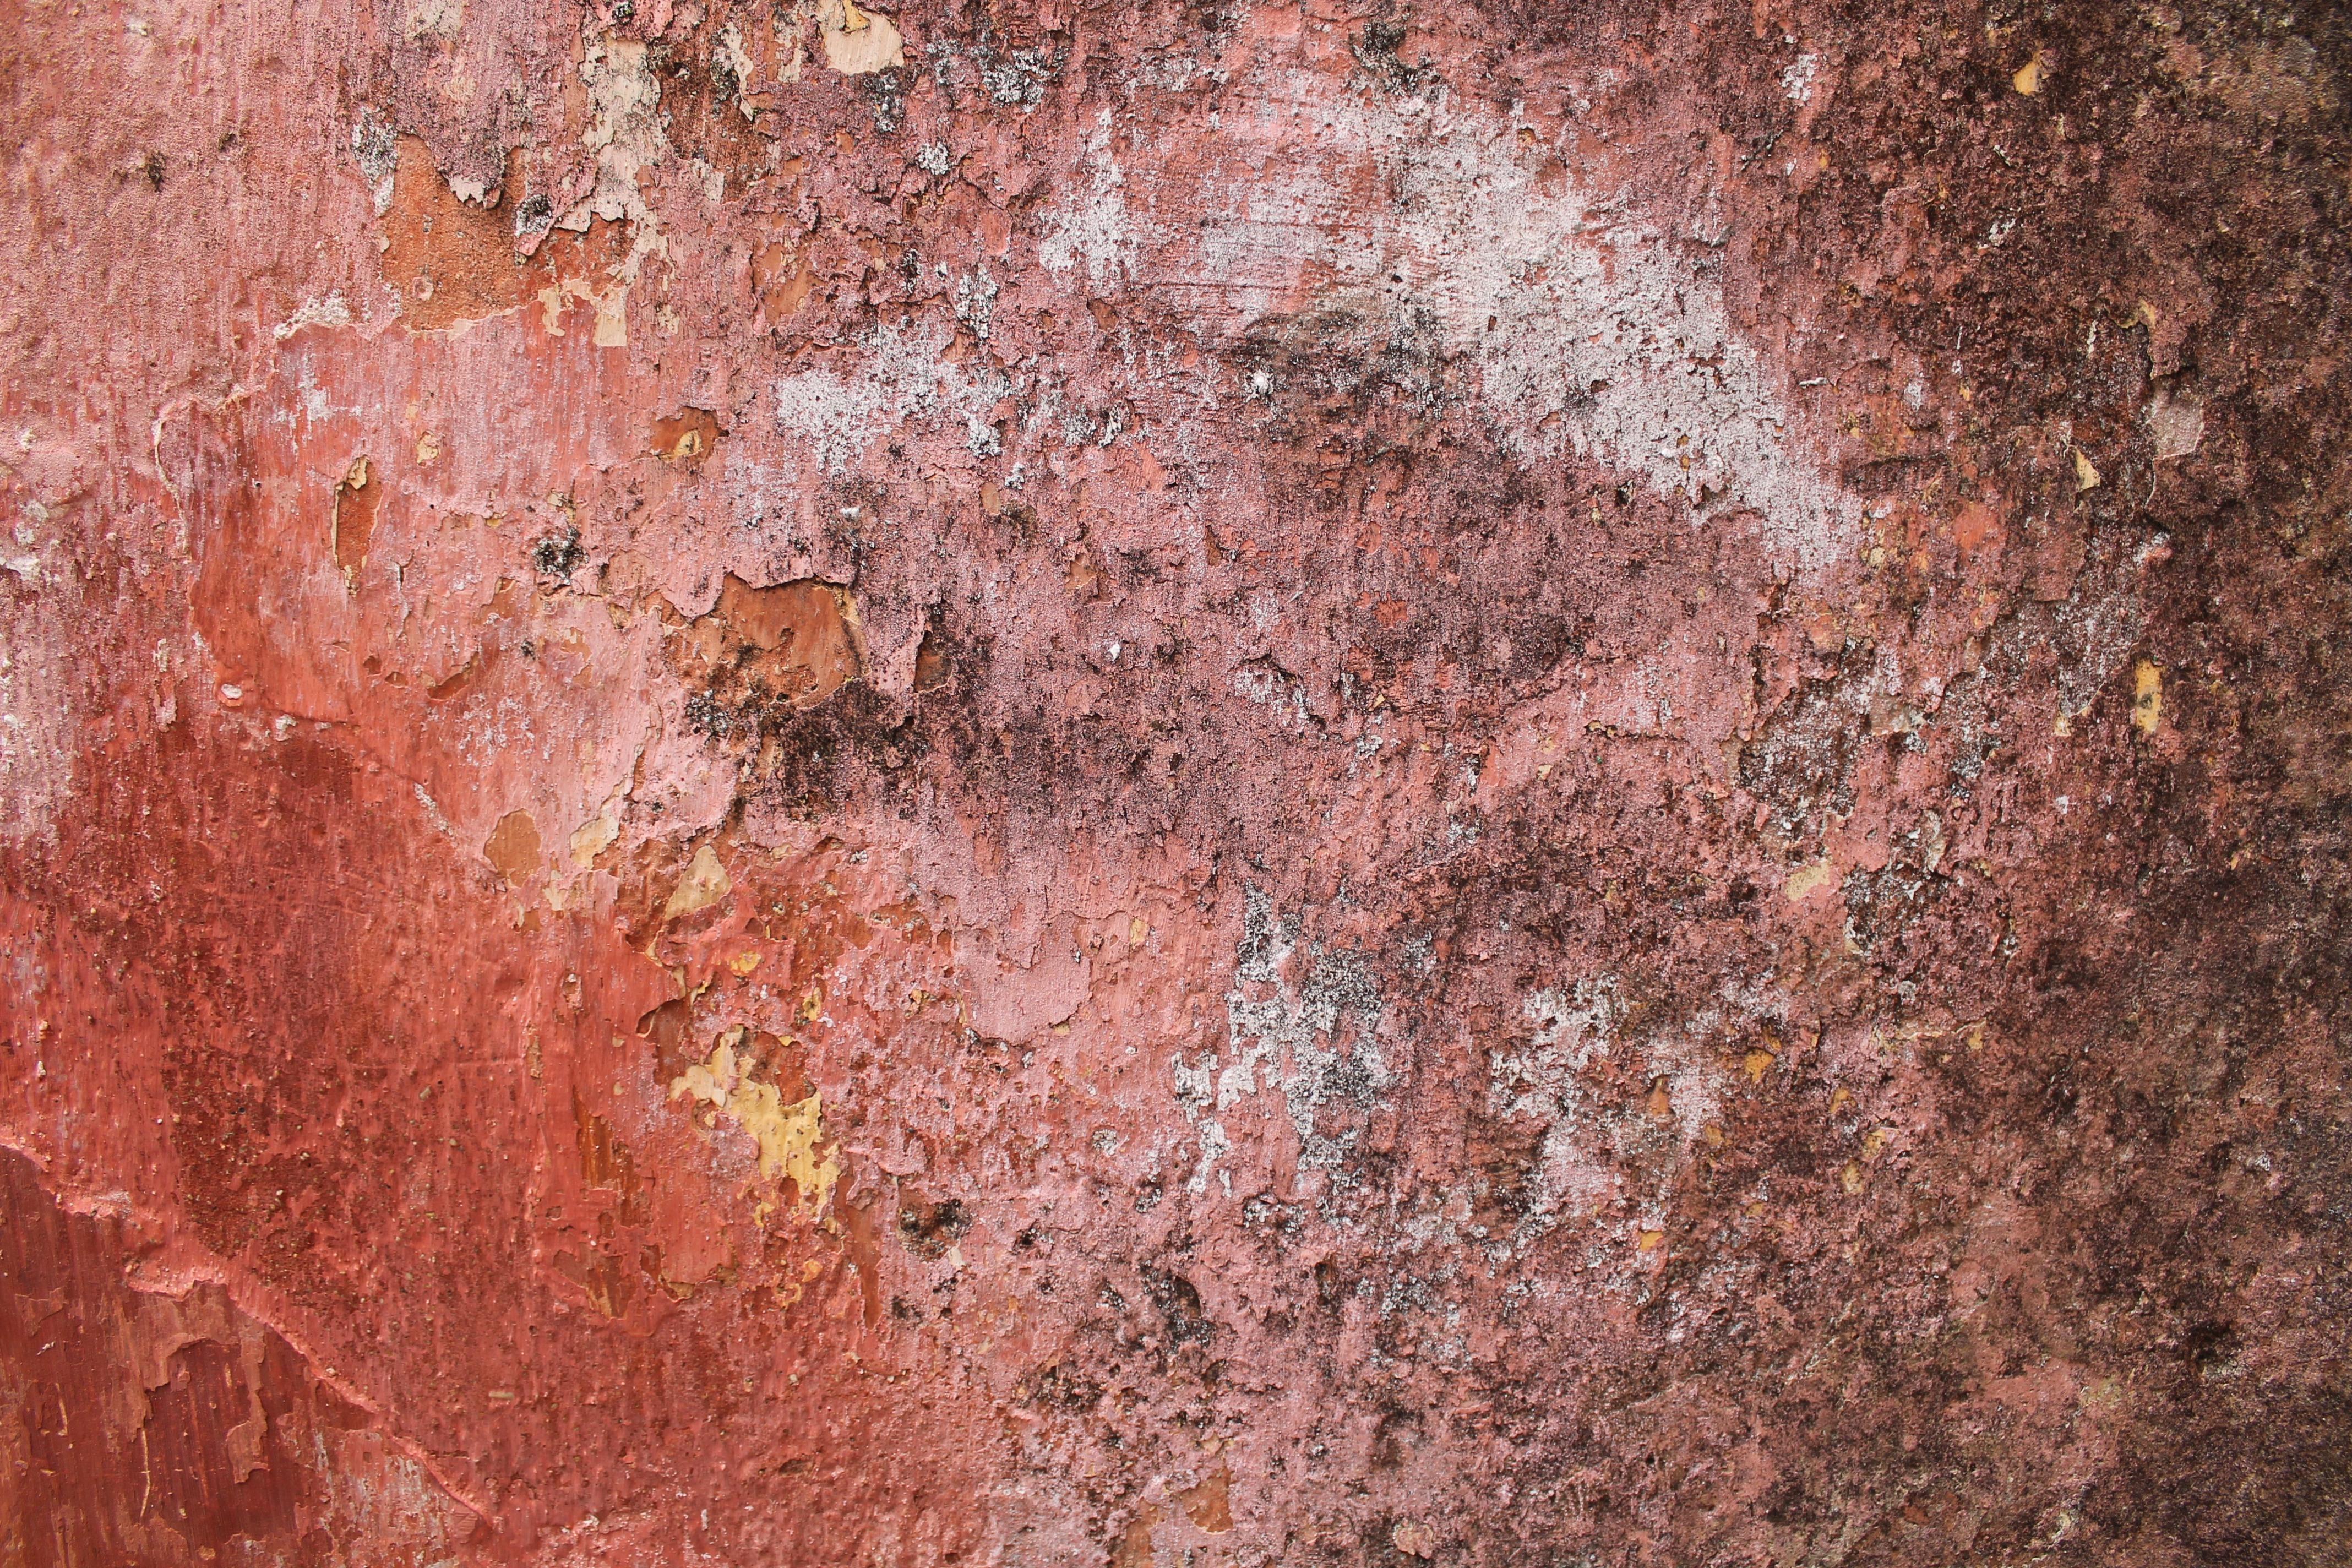 rock abstracto textura piso antiguo pared formacin rojo color suelo pintar ladrillo material imagen de fondo